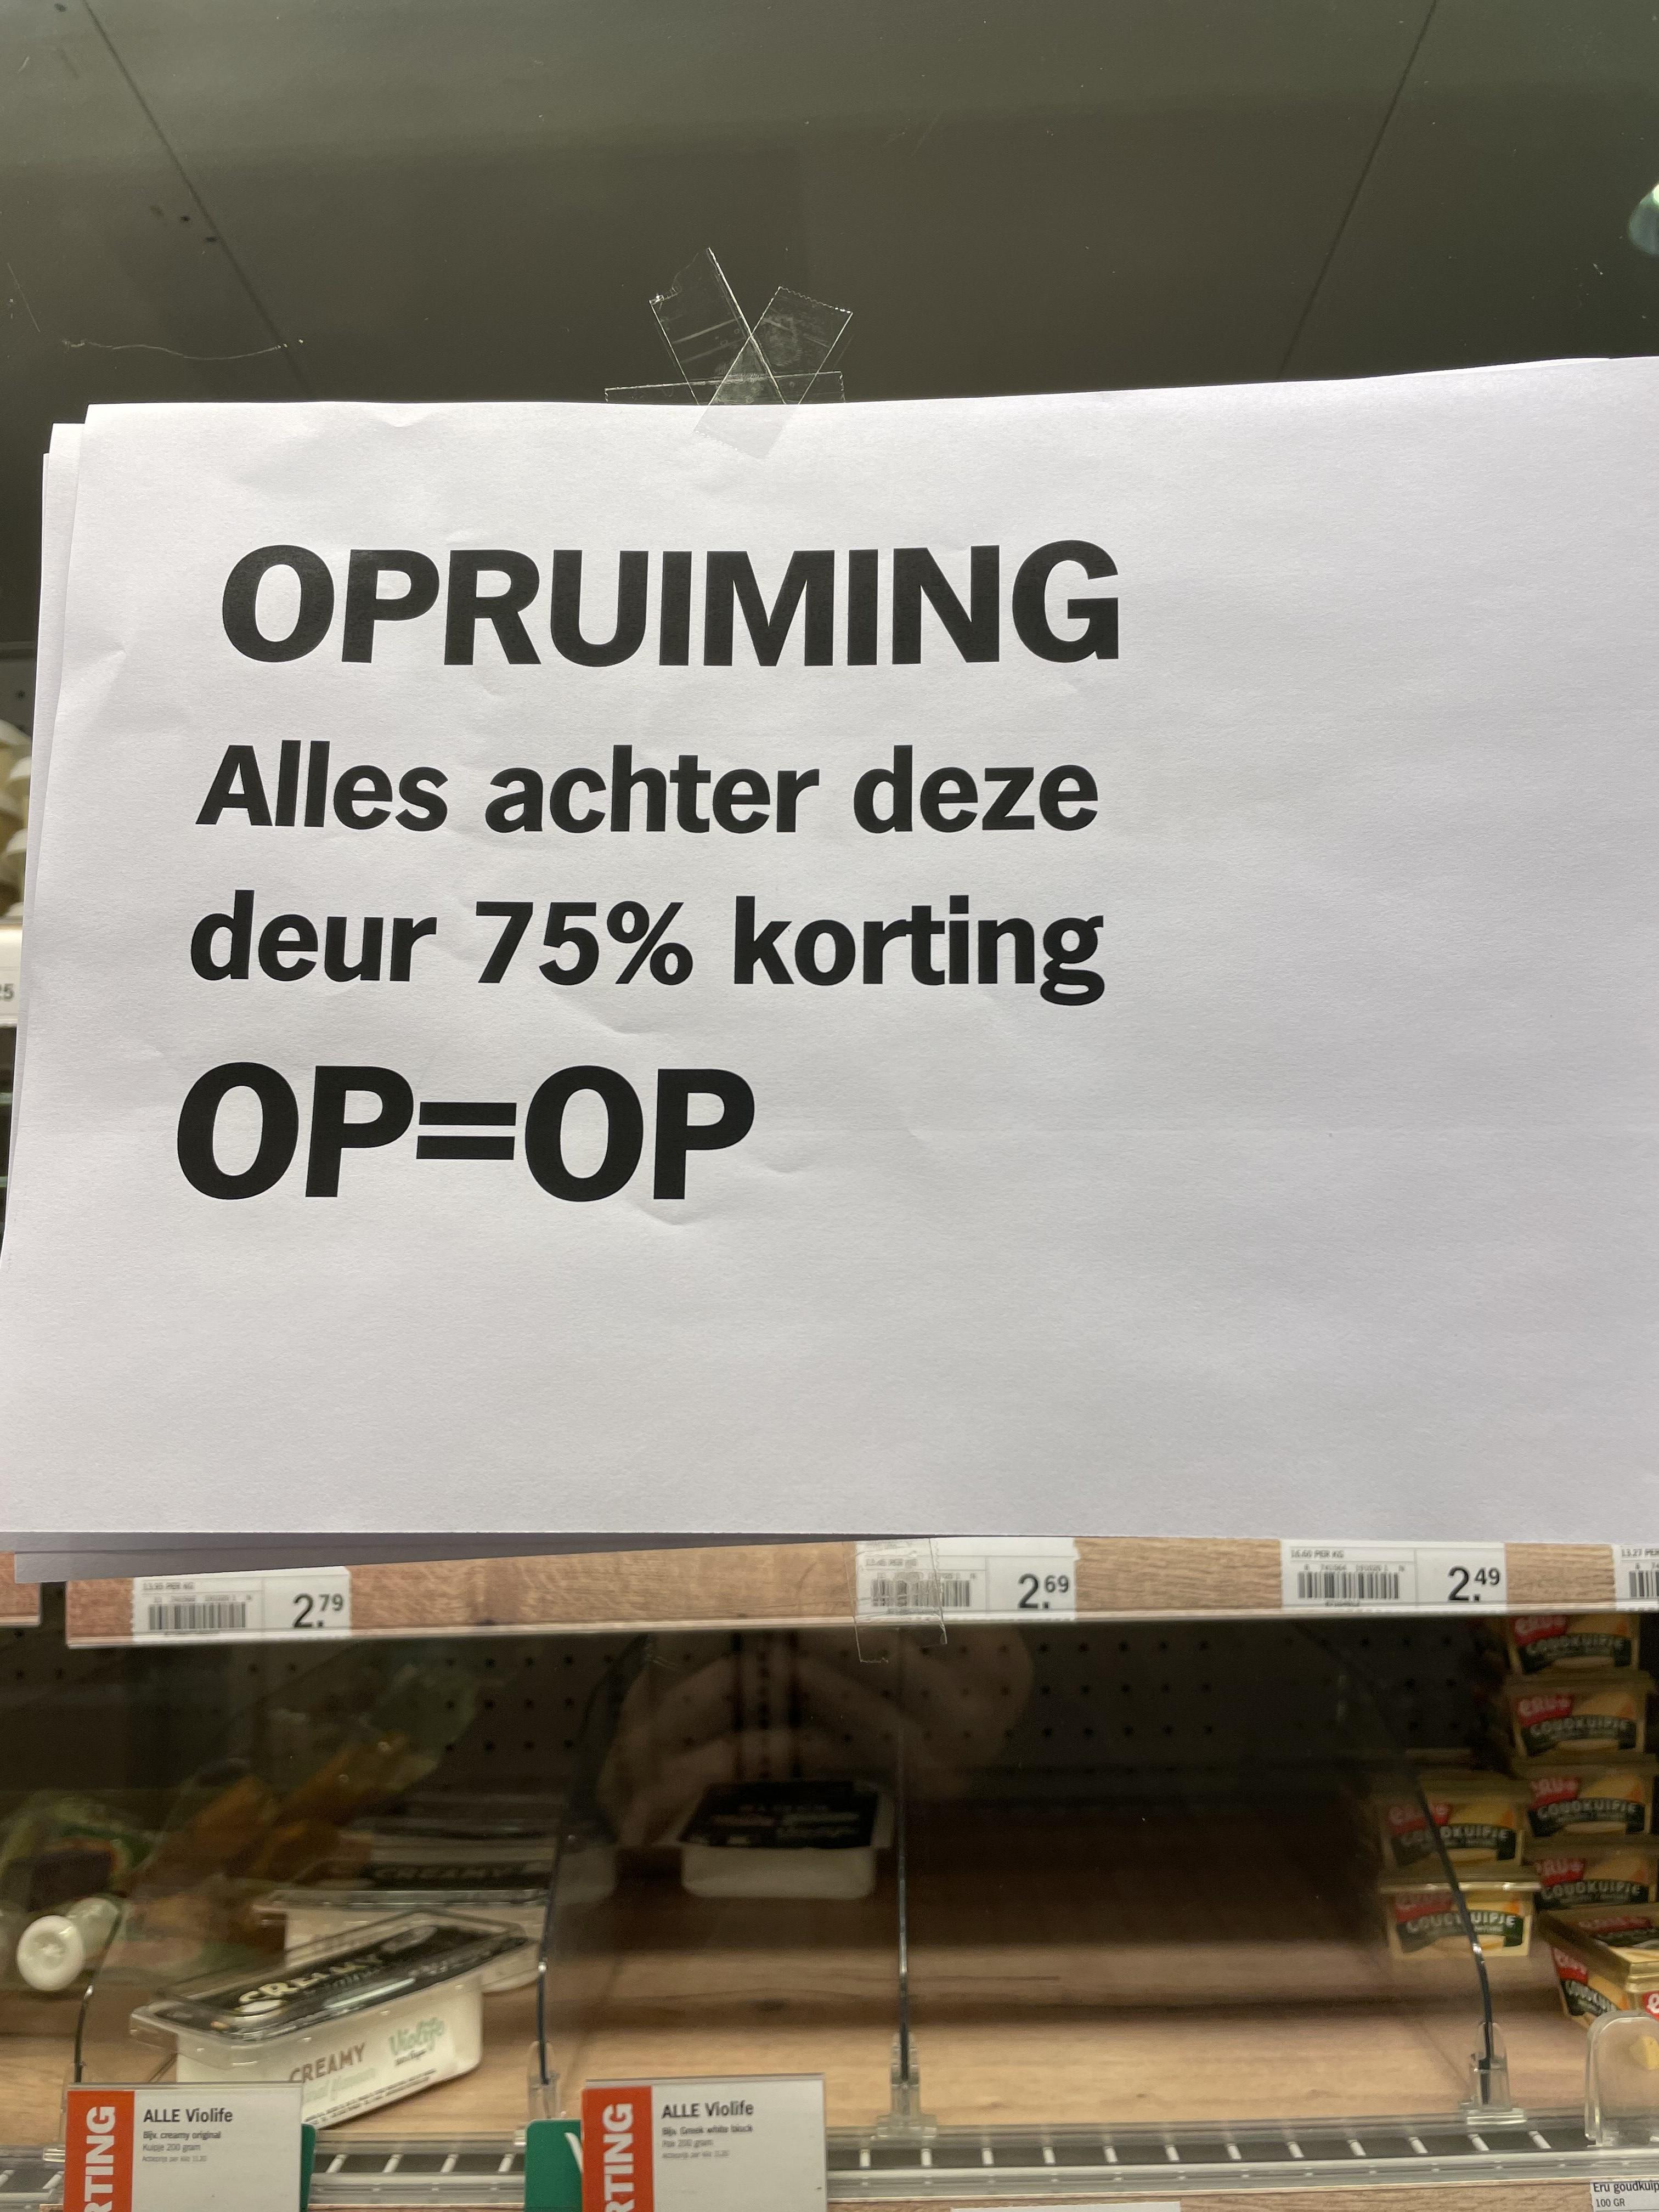 [LOKAAL] Tot 75% korting op versproducten bij Albert Heijn Veenendaal